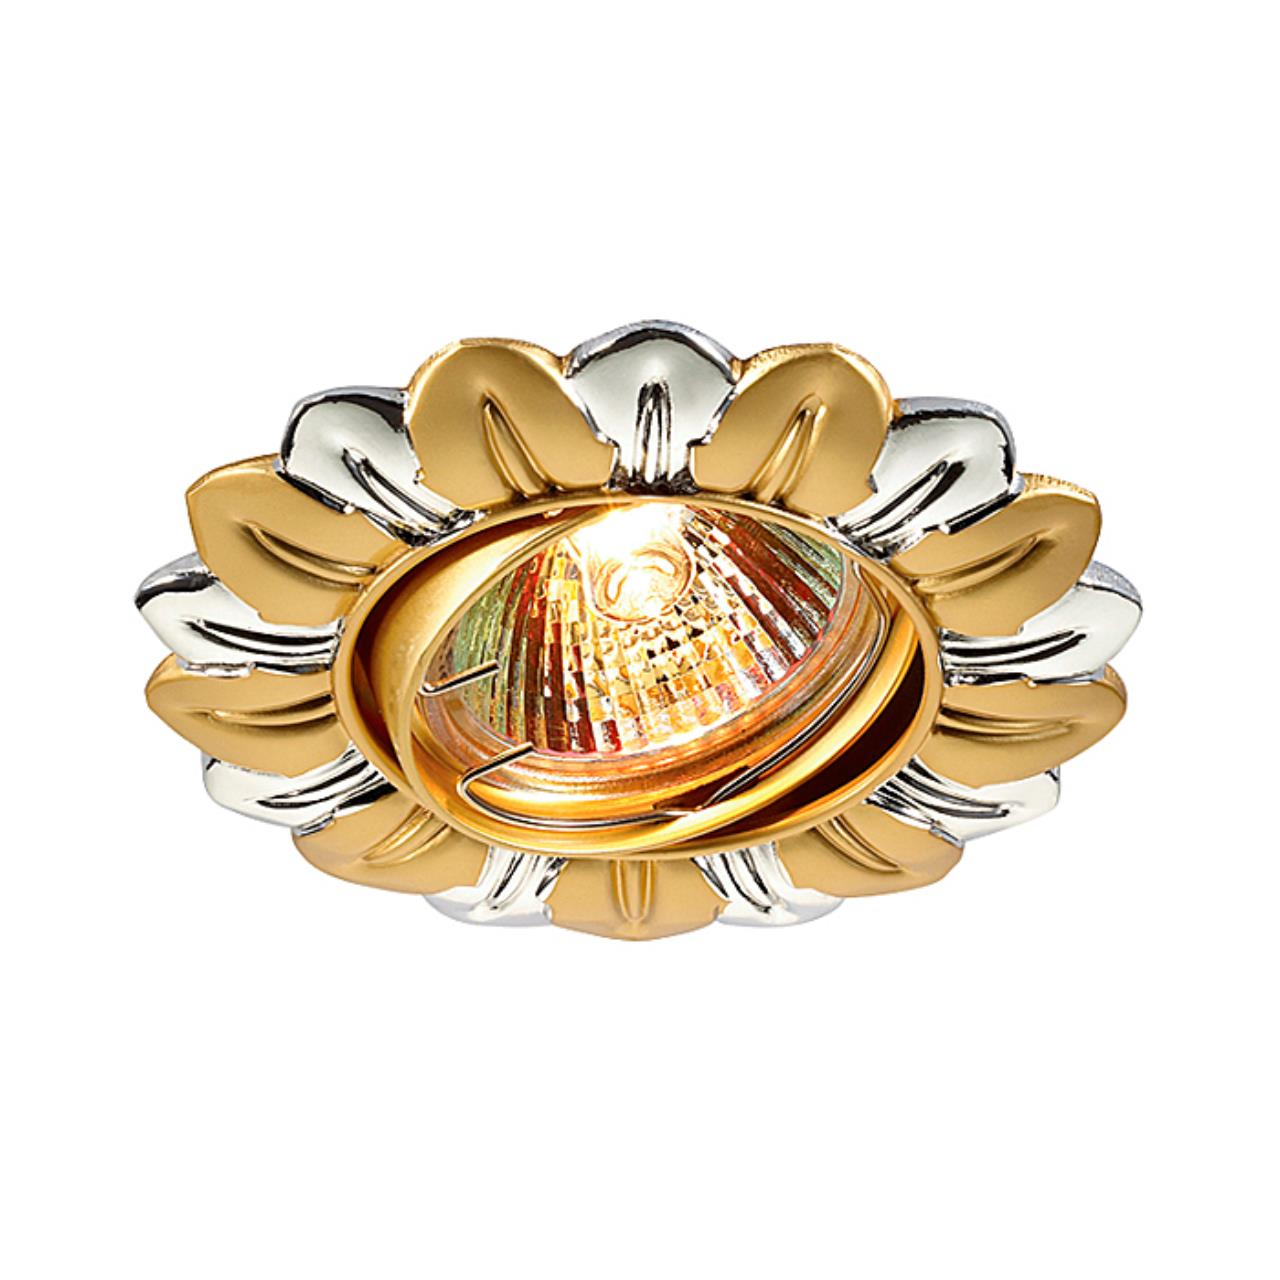 369819 NT12 194 хром/золото Встраиваемый ПВ светильник IP20 GX5.3 50W 12V FLOWER